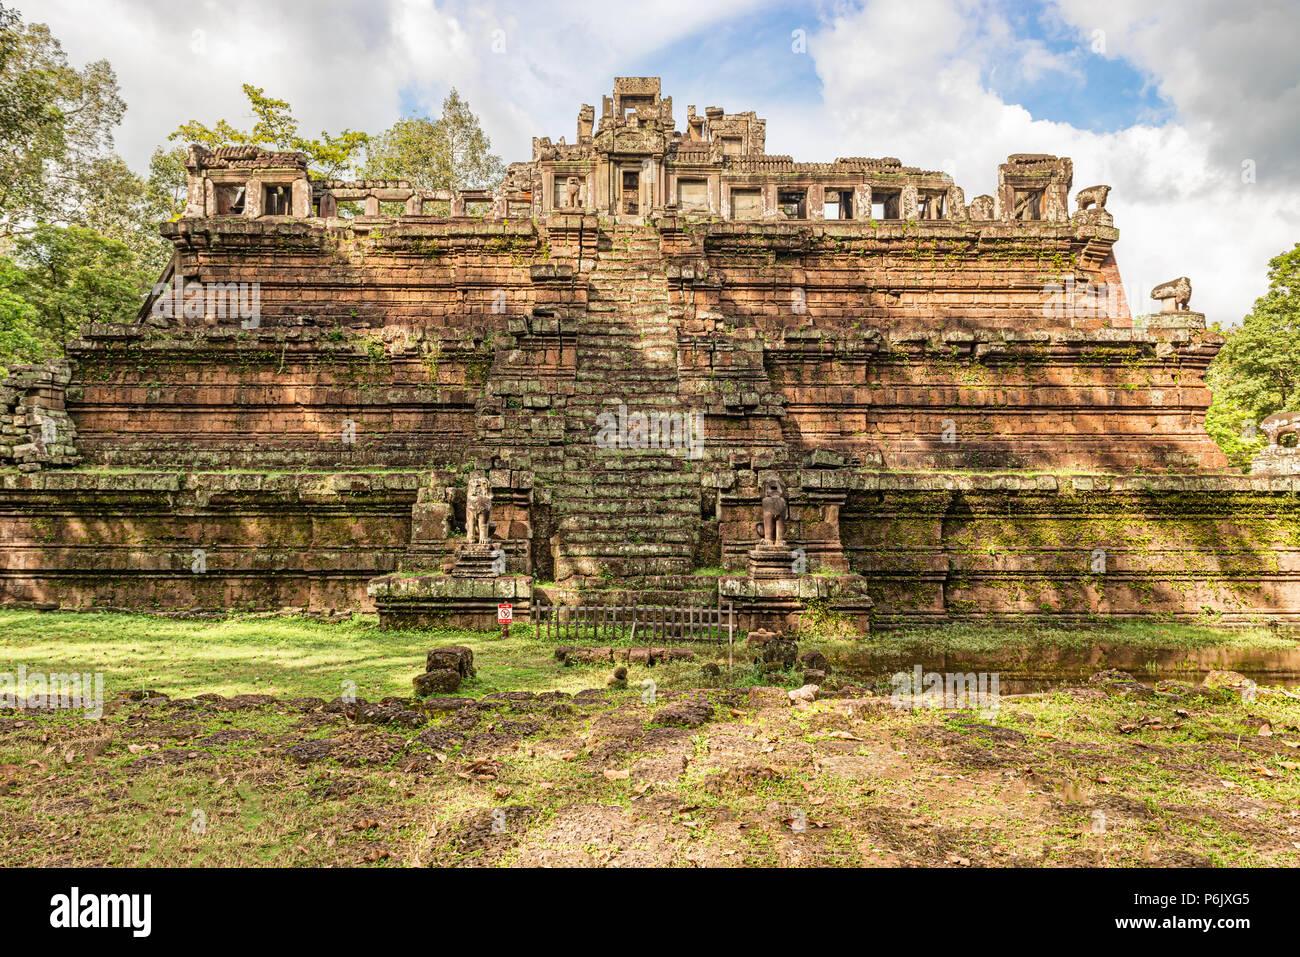 Phimeanakas templo de Angkor, en Camboya, es un templo hindú del siglo 10, en forma de pirámide de tres niveles como un templo hindú. En la parte superior de la pyram Imagen De Stock